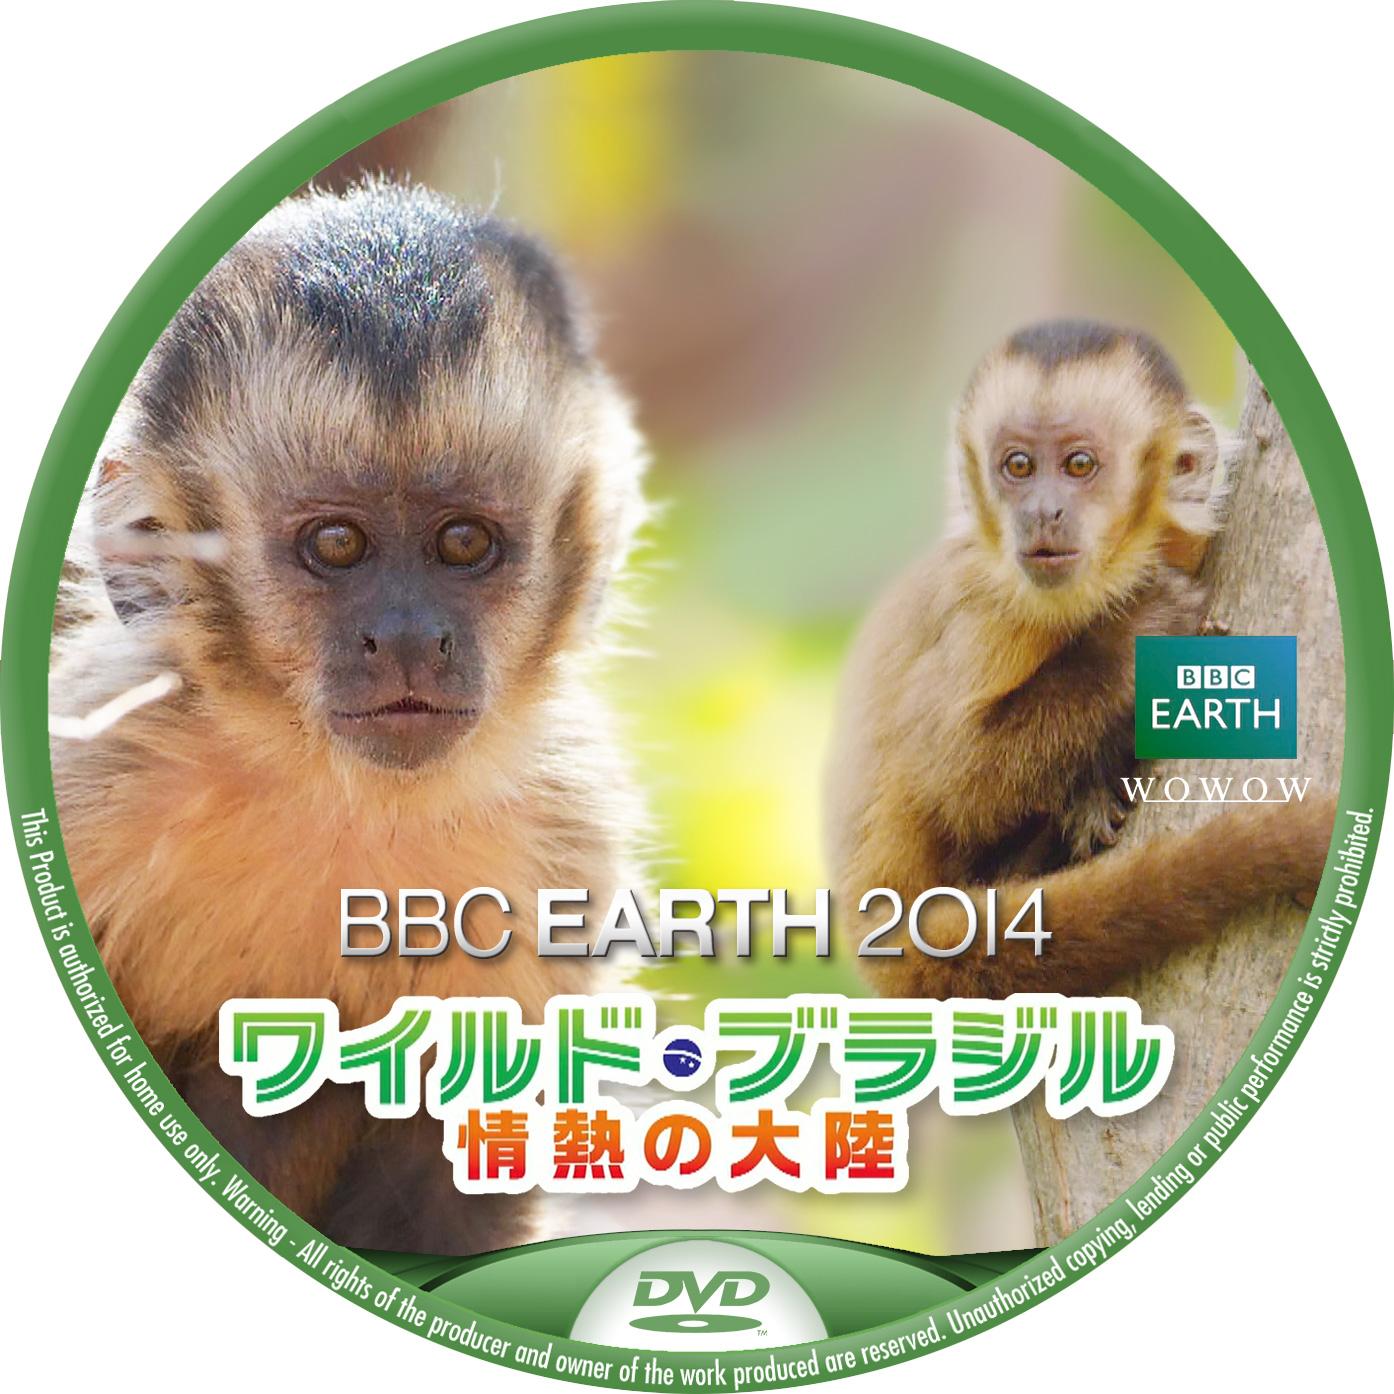 BBC2014  WOWOW ワイルドブラジル フサオマキザル DVDベル